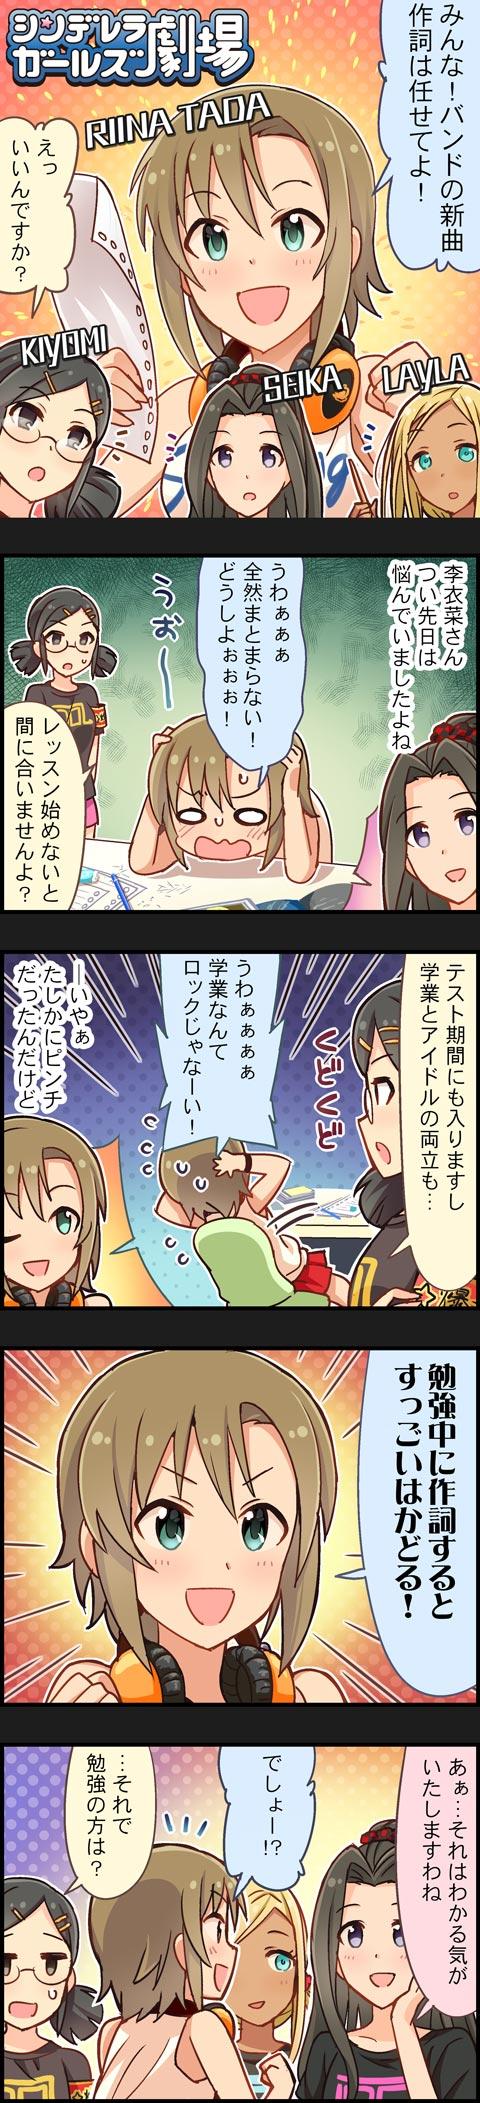 げきじょう (2)